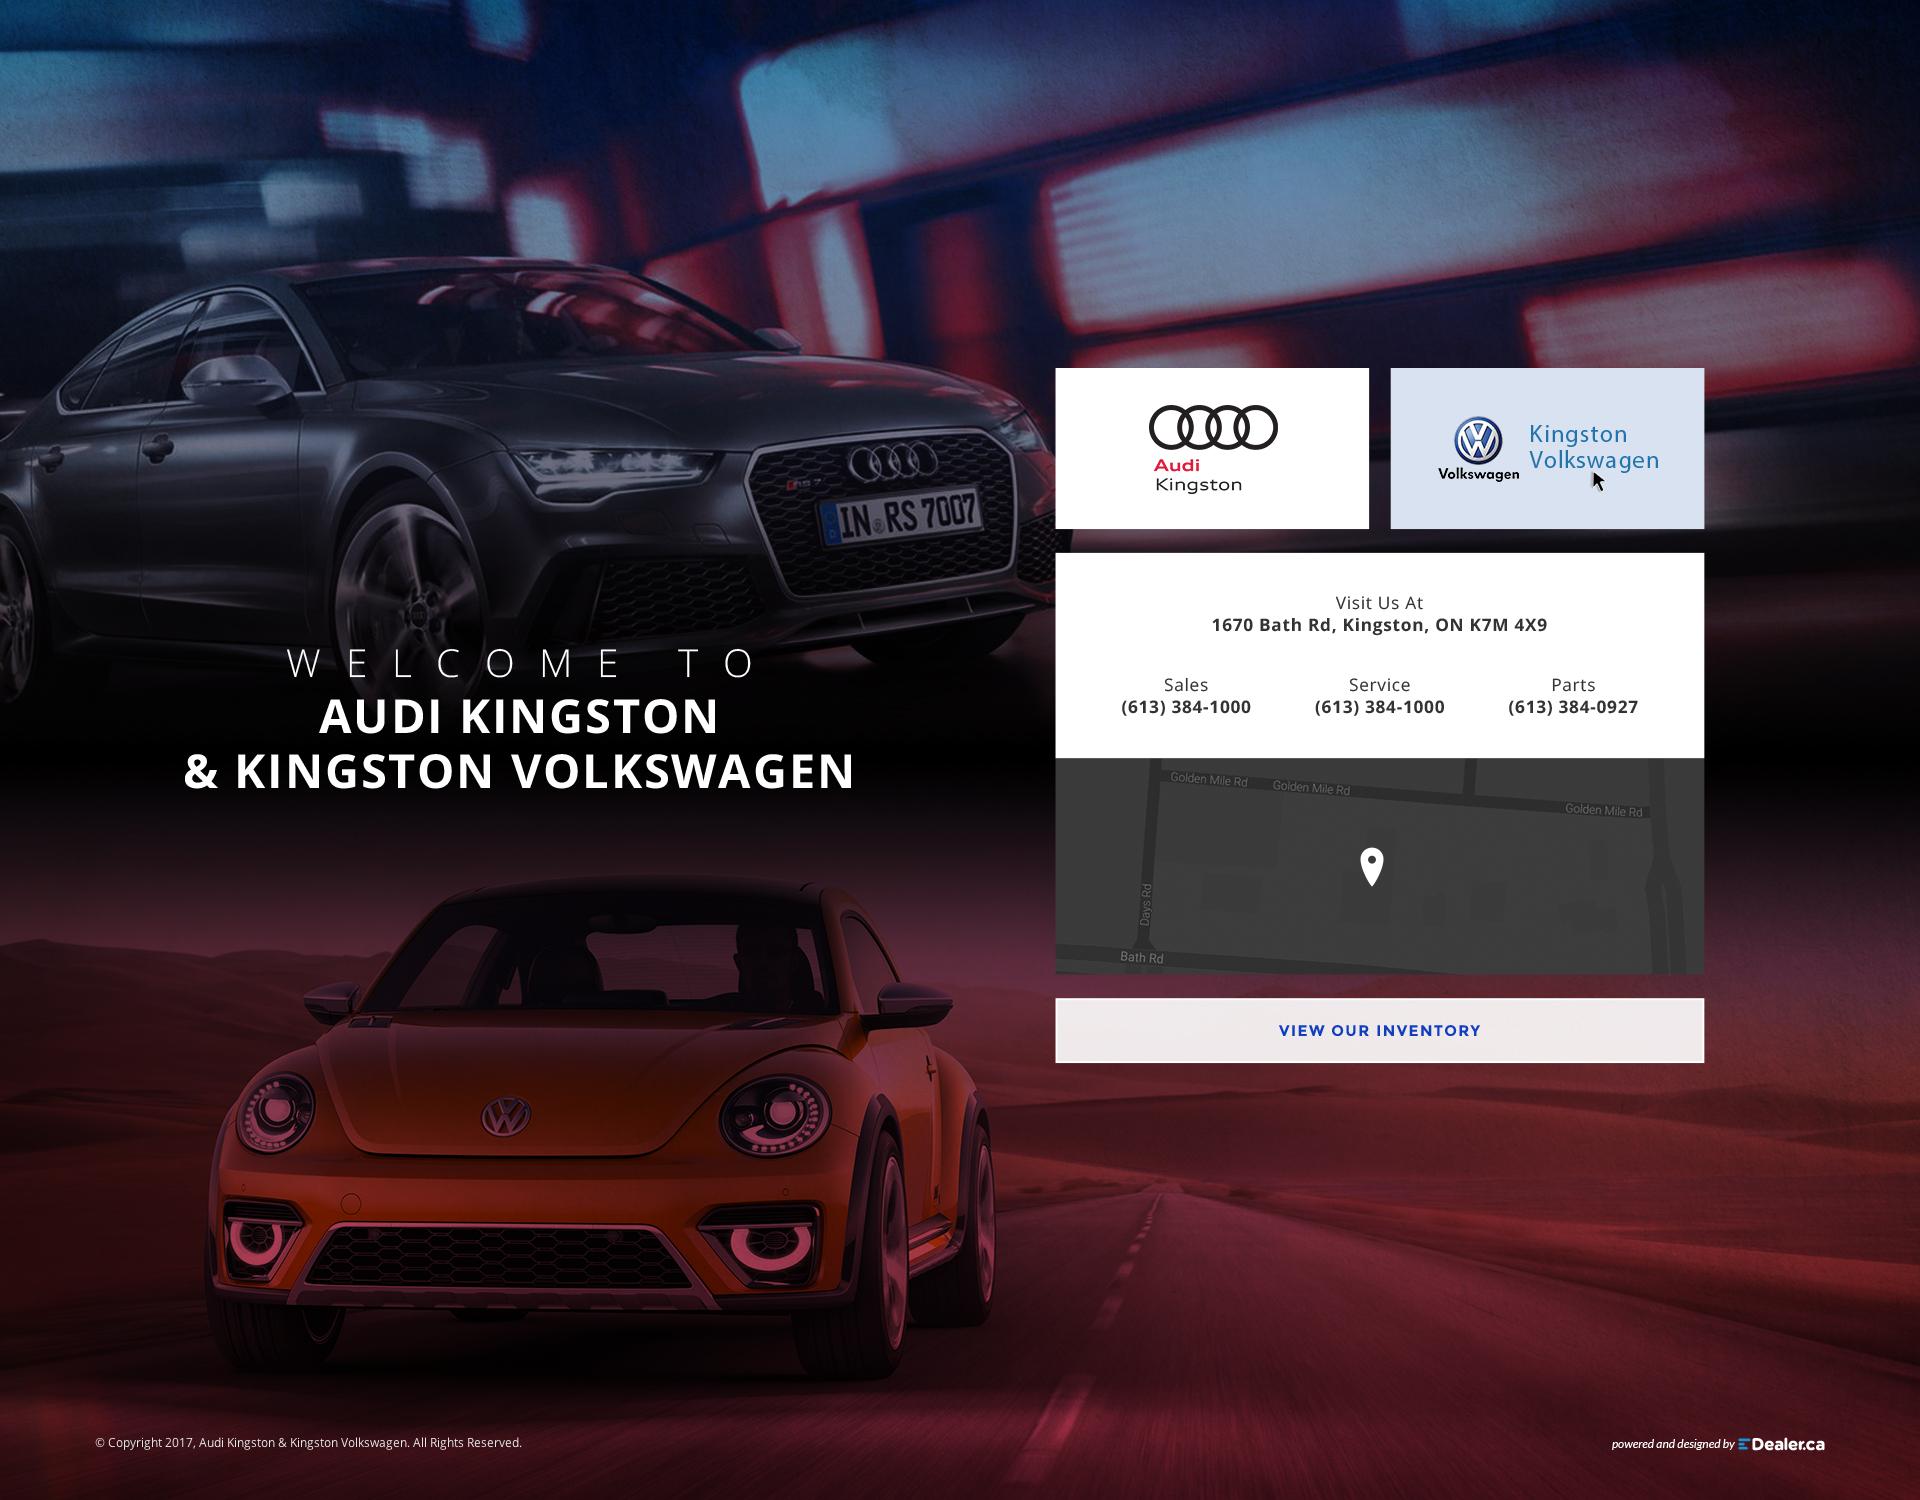 Audi Kingston & Kingston Volkswagen